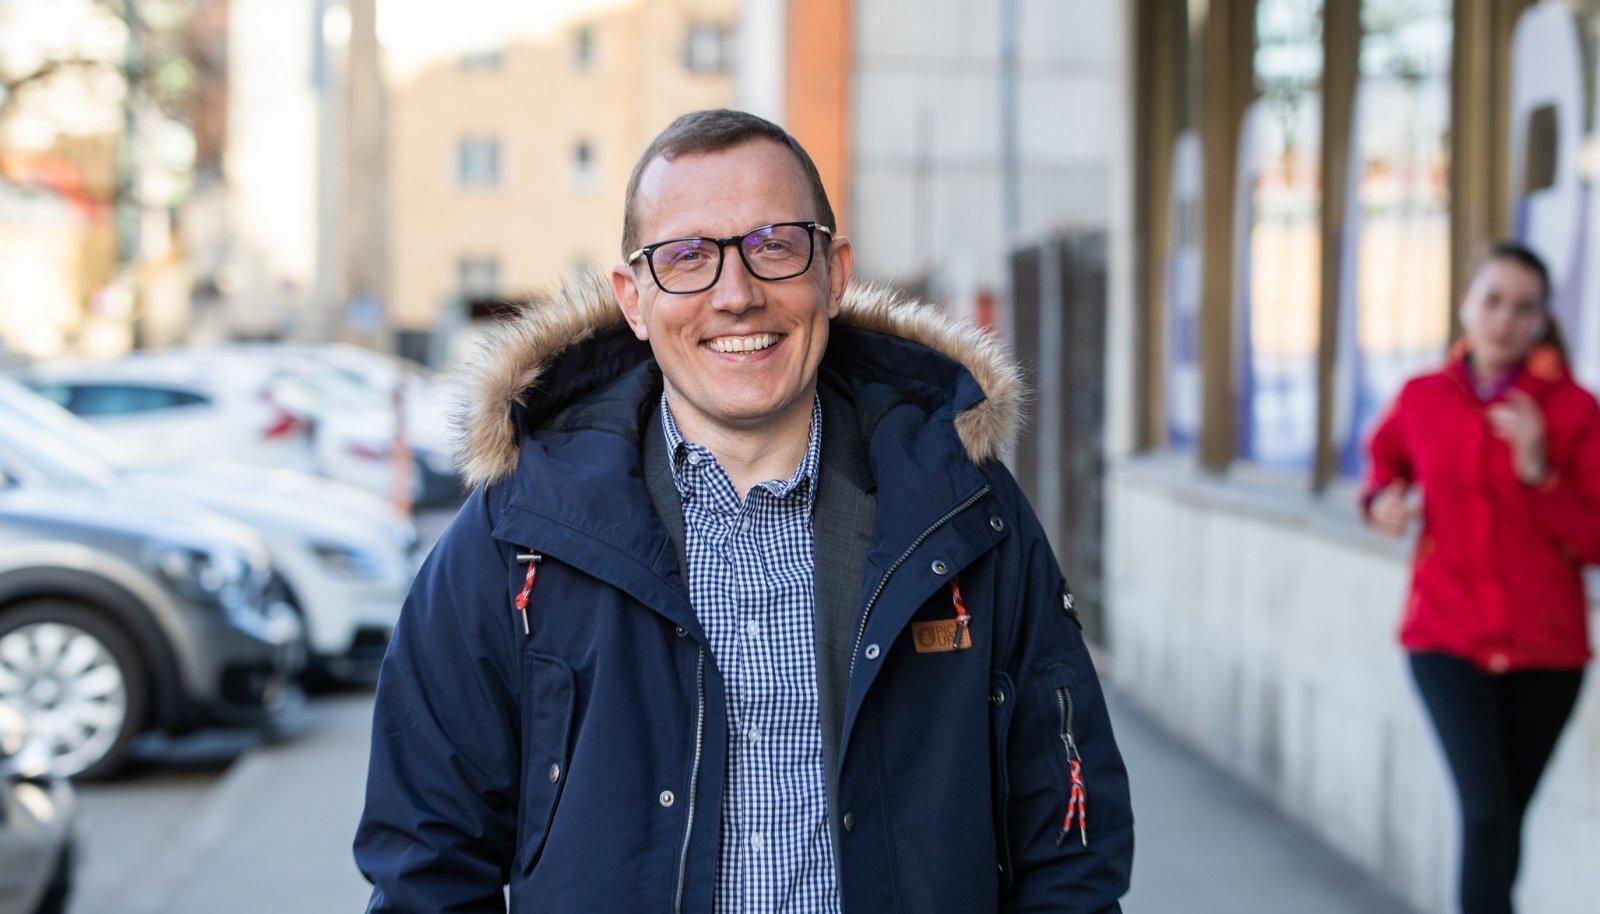 Marek Seer